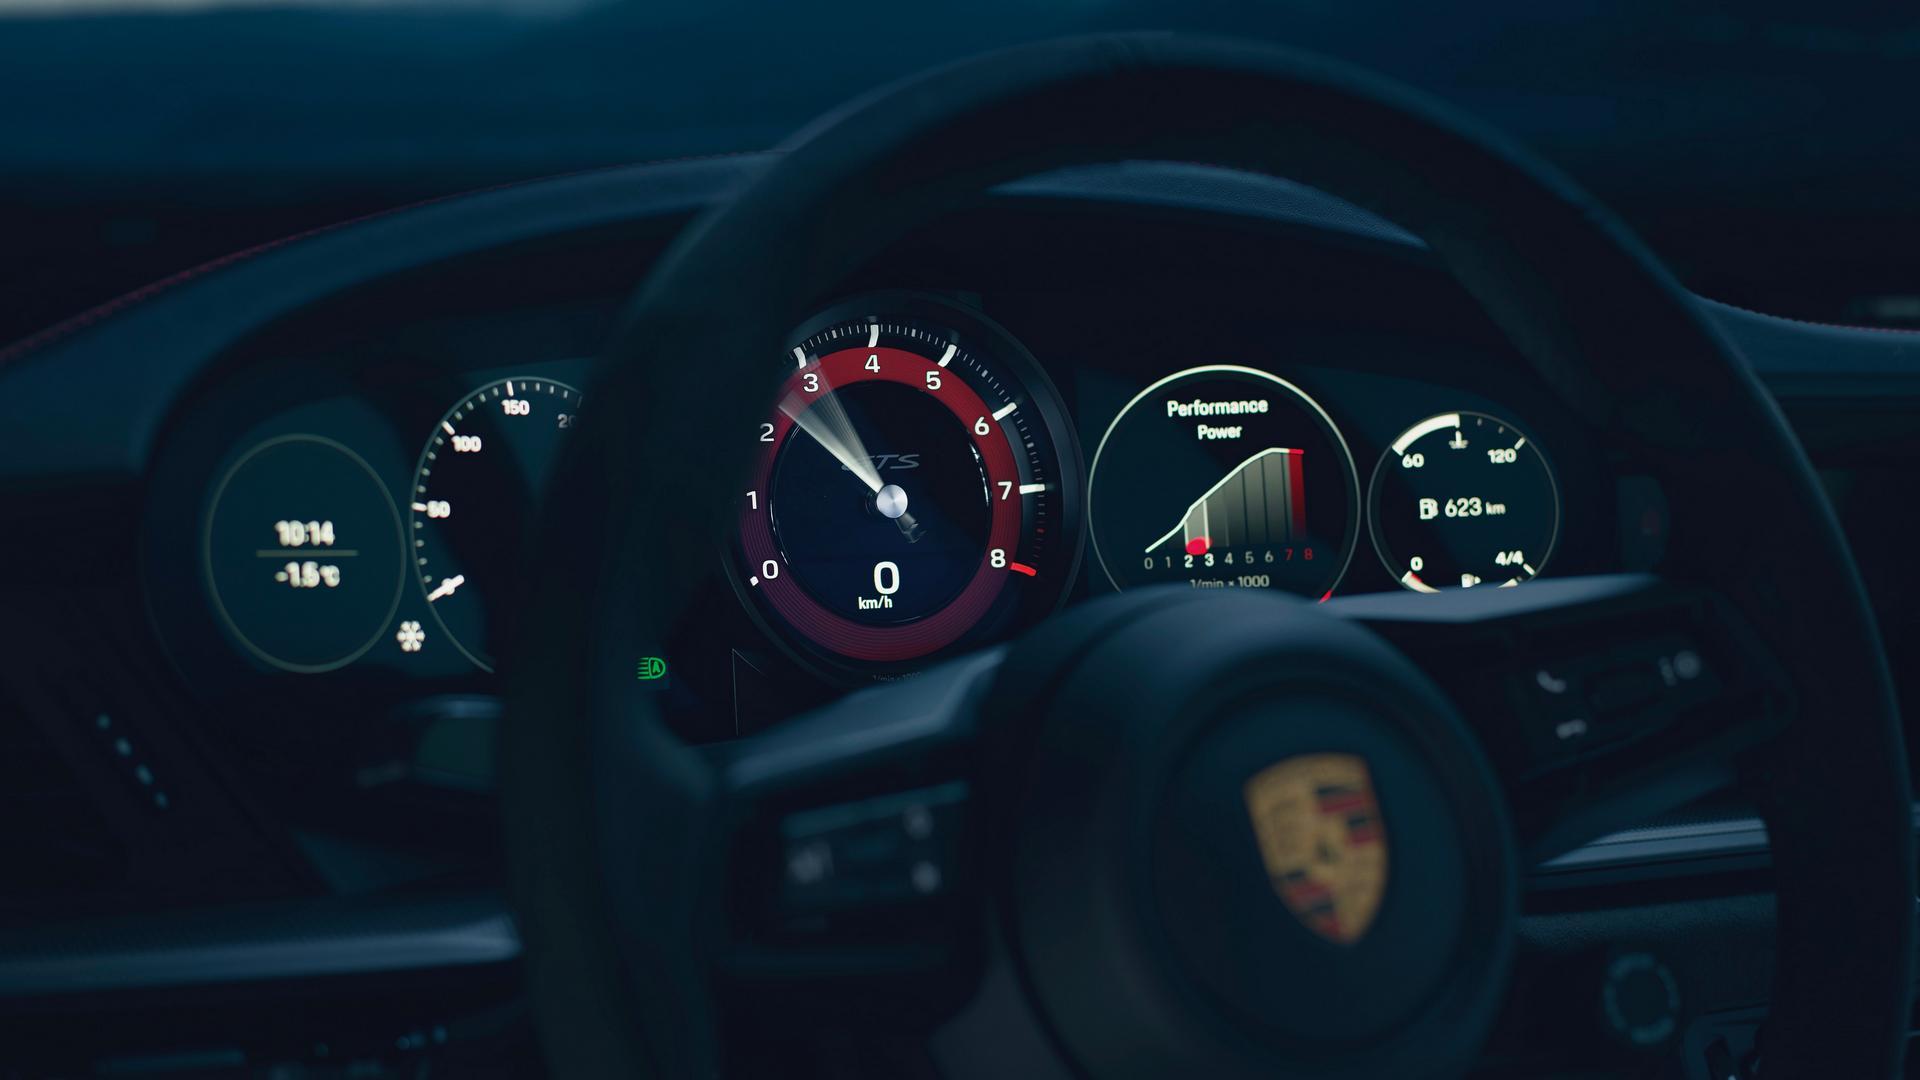 Porsche 911 GTS speedo